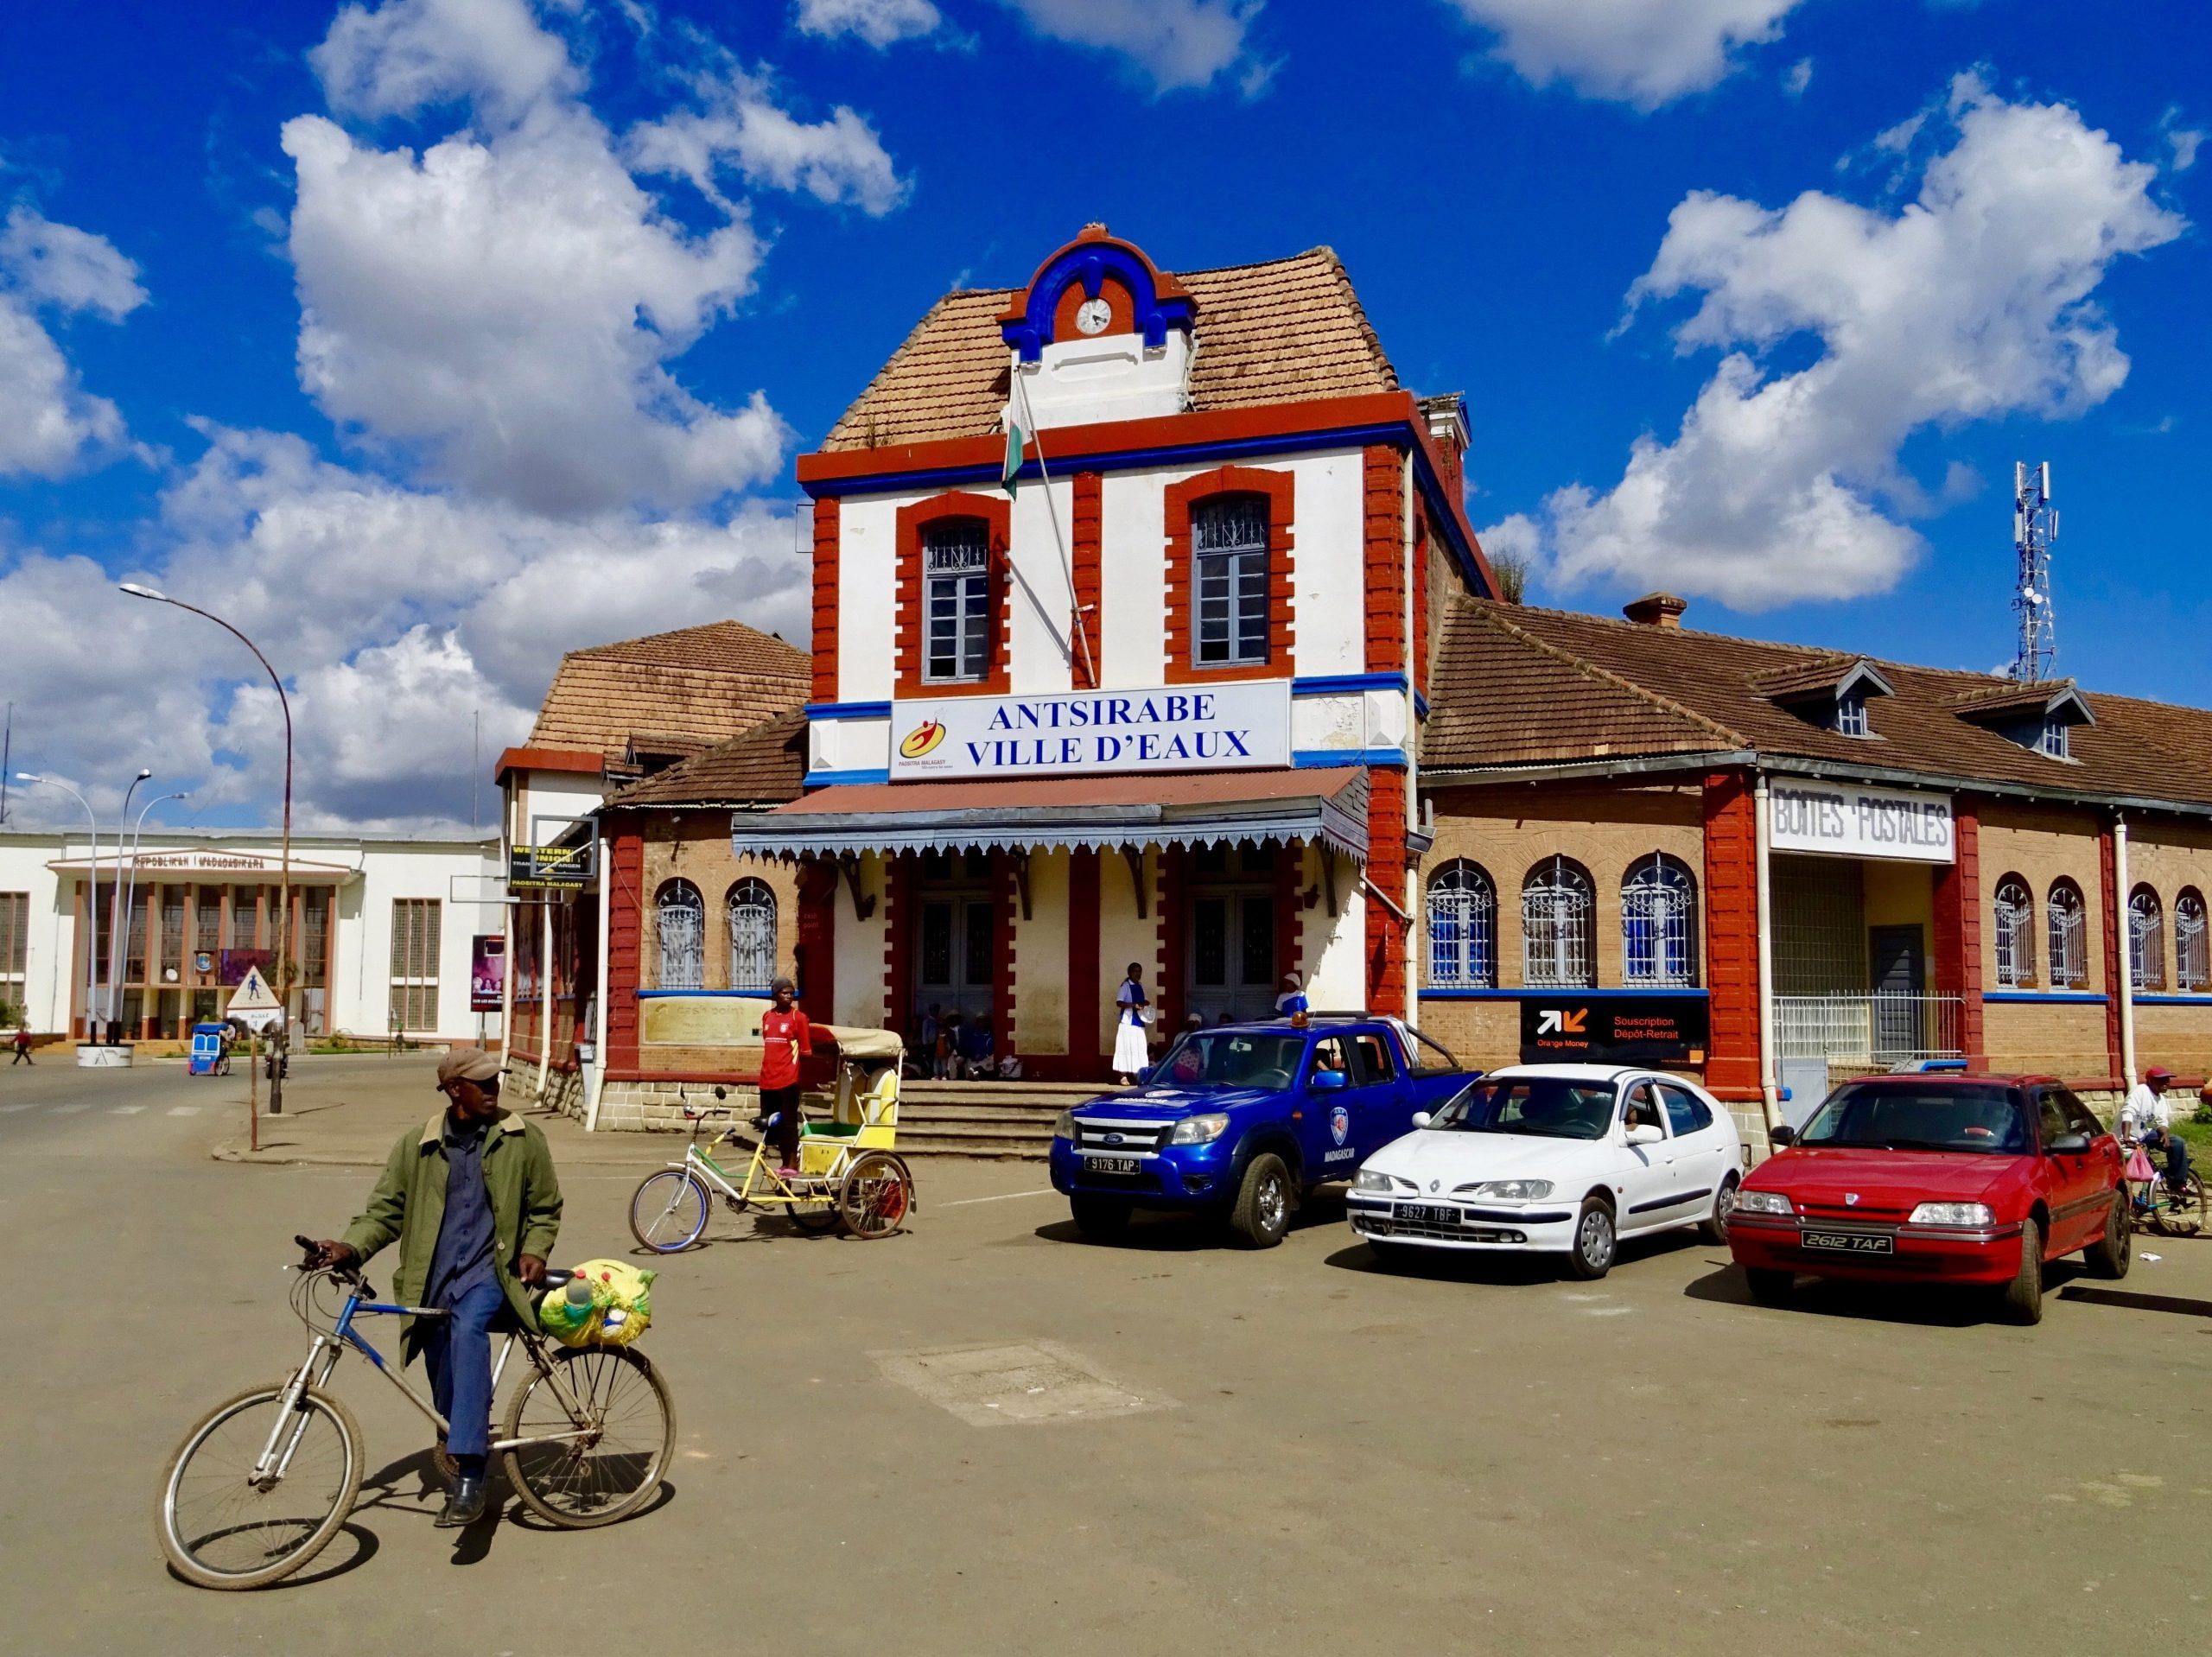 Antsirabe, Ville d'Eaux